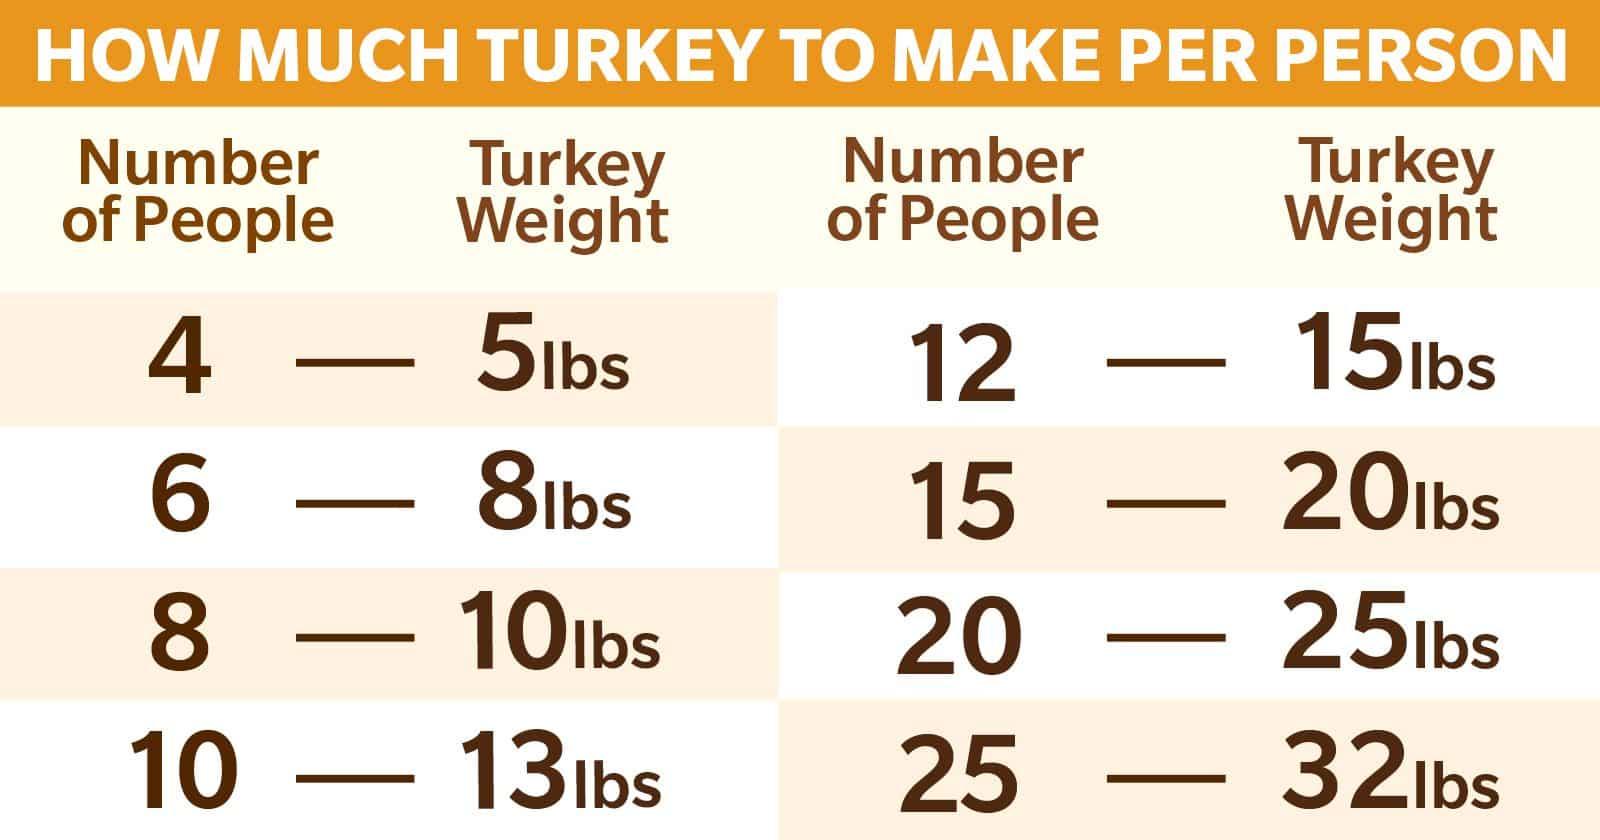 HOW MUCH TURKEY TO MAKE PER PERSON SOCIAL 2 UNA GUÍA SOBRE LA CANTIDAD DE PAVO POR PERSONA (INCLUYE TABLA)